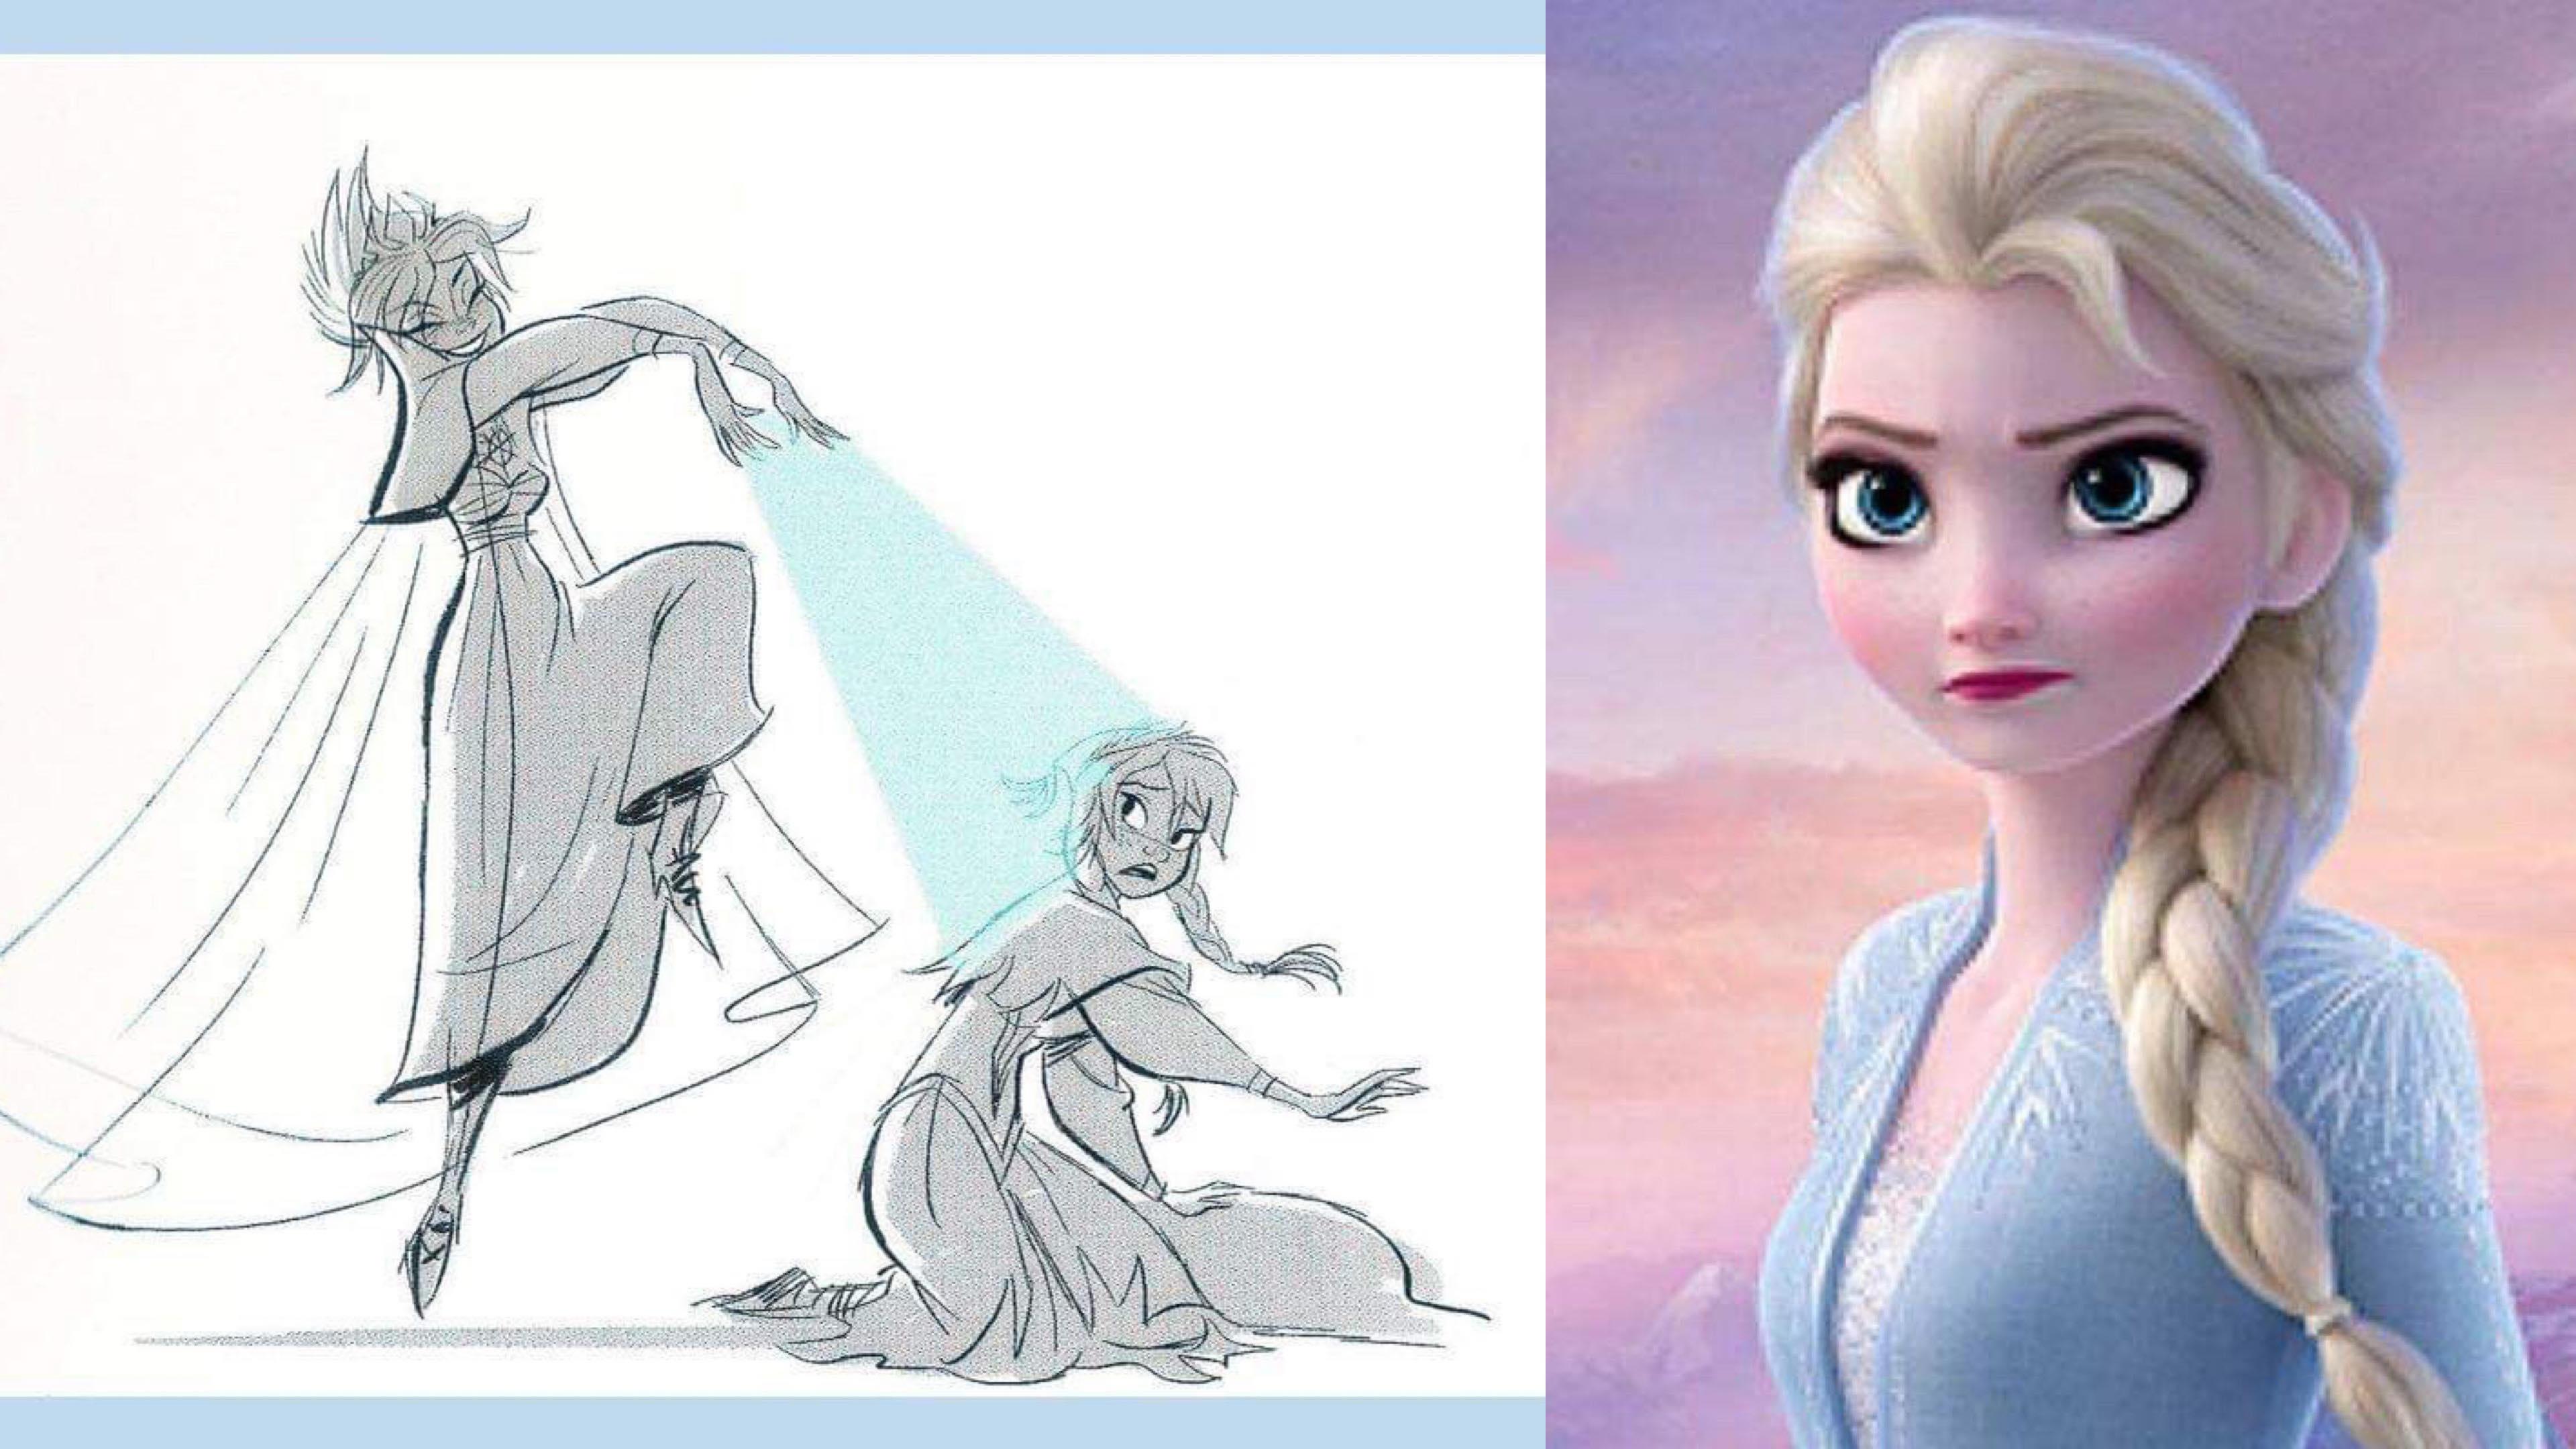 「《冰雪奇緣2》Elsa 最初設定竟然是大反派!」導演首度揭秘,將反派打造成 Elsa 女王的過程… – 我們用電影寫日記